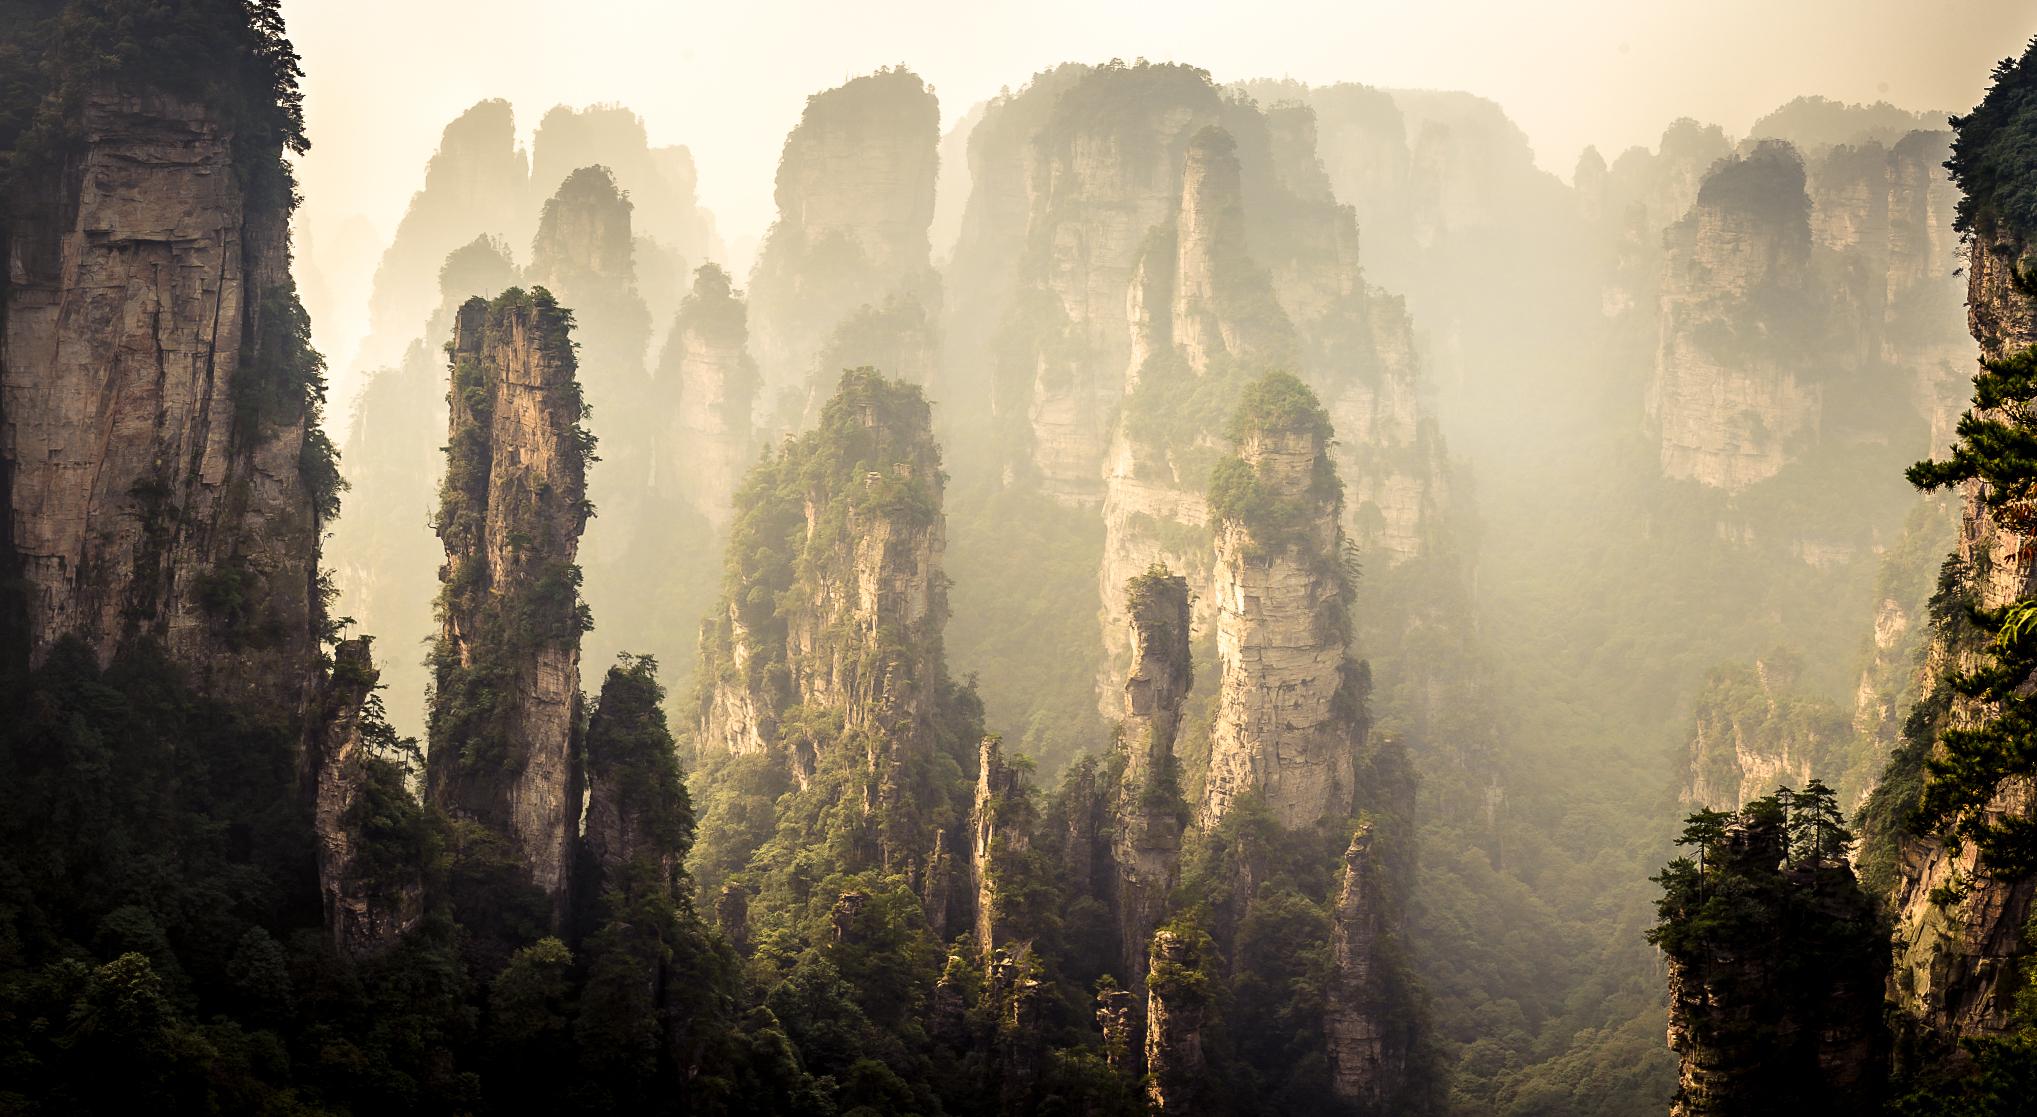 Zhangjiajie inspiró durante generaciones a los pintores tradicionales chinos a crear un arte contemplativo de la naturaleza. Algún día me encantaría poder ver esa foto impresa enorme en una pared.